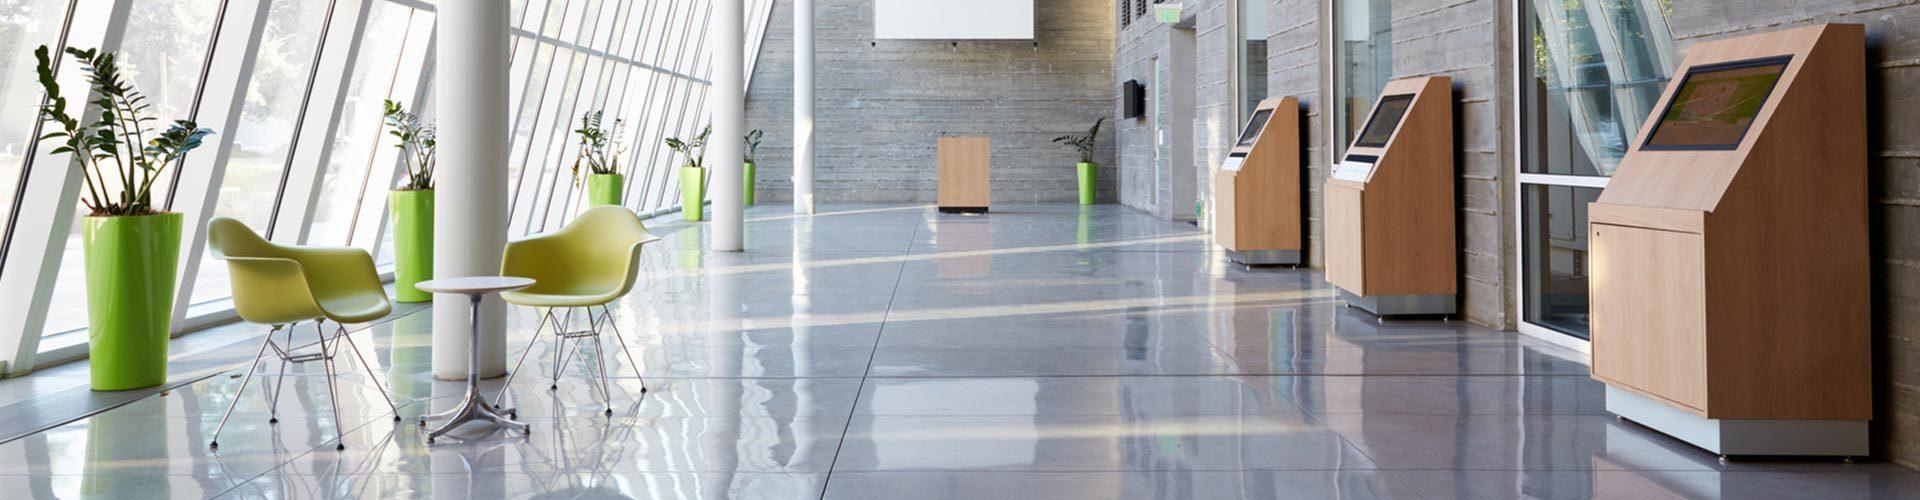 Sauberer Gang in einem Bürogebäude